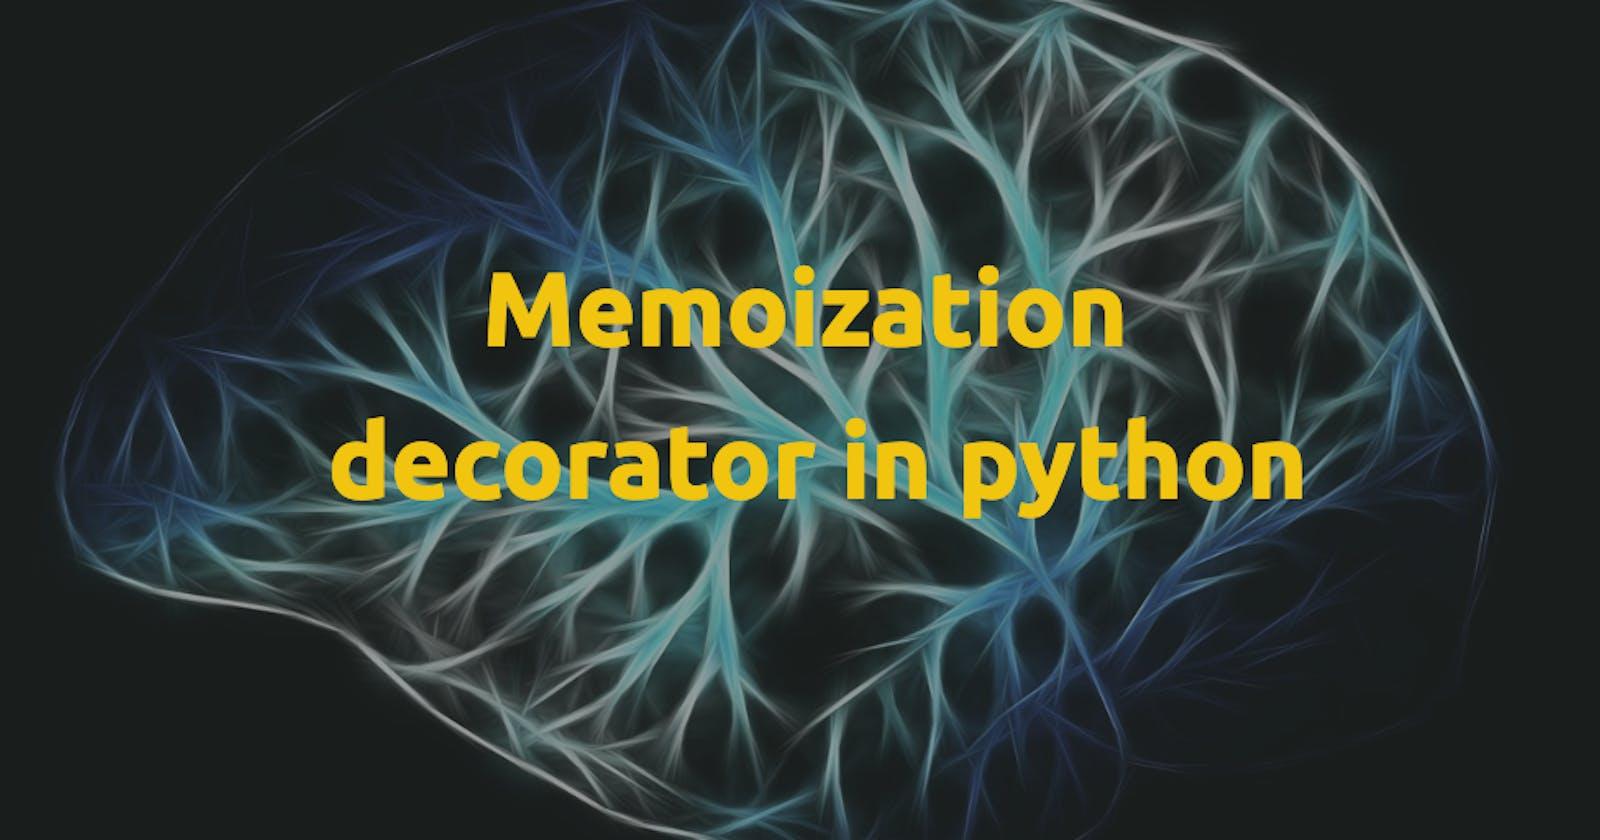 Memoization decorator in python